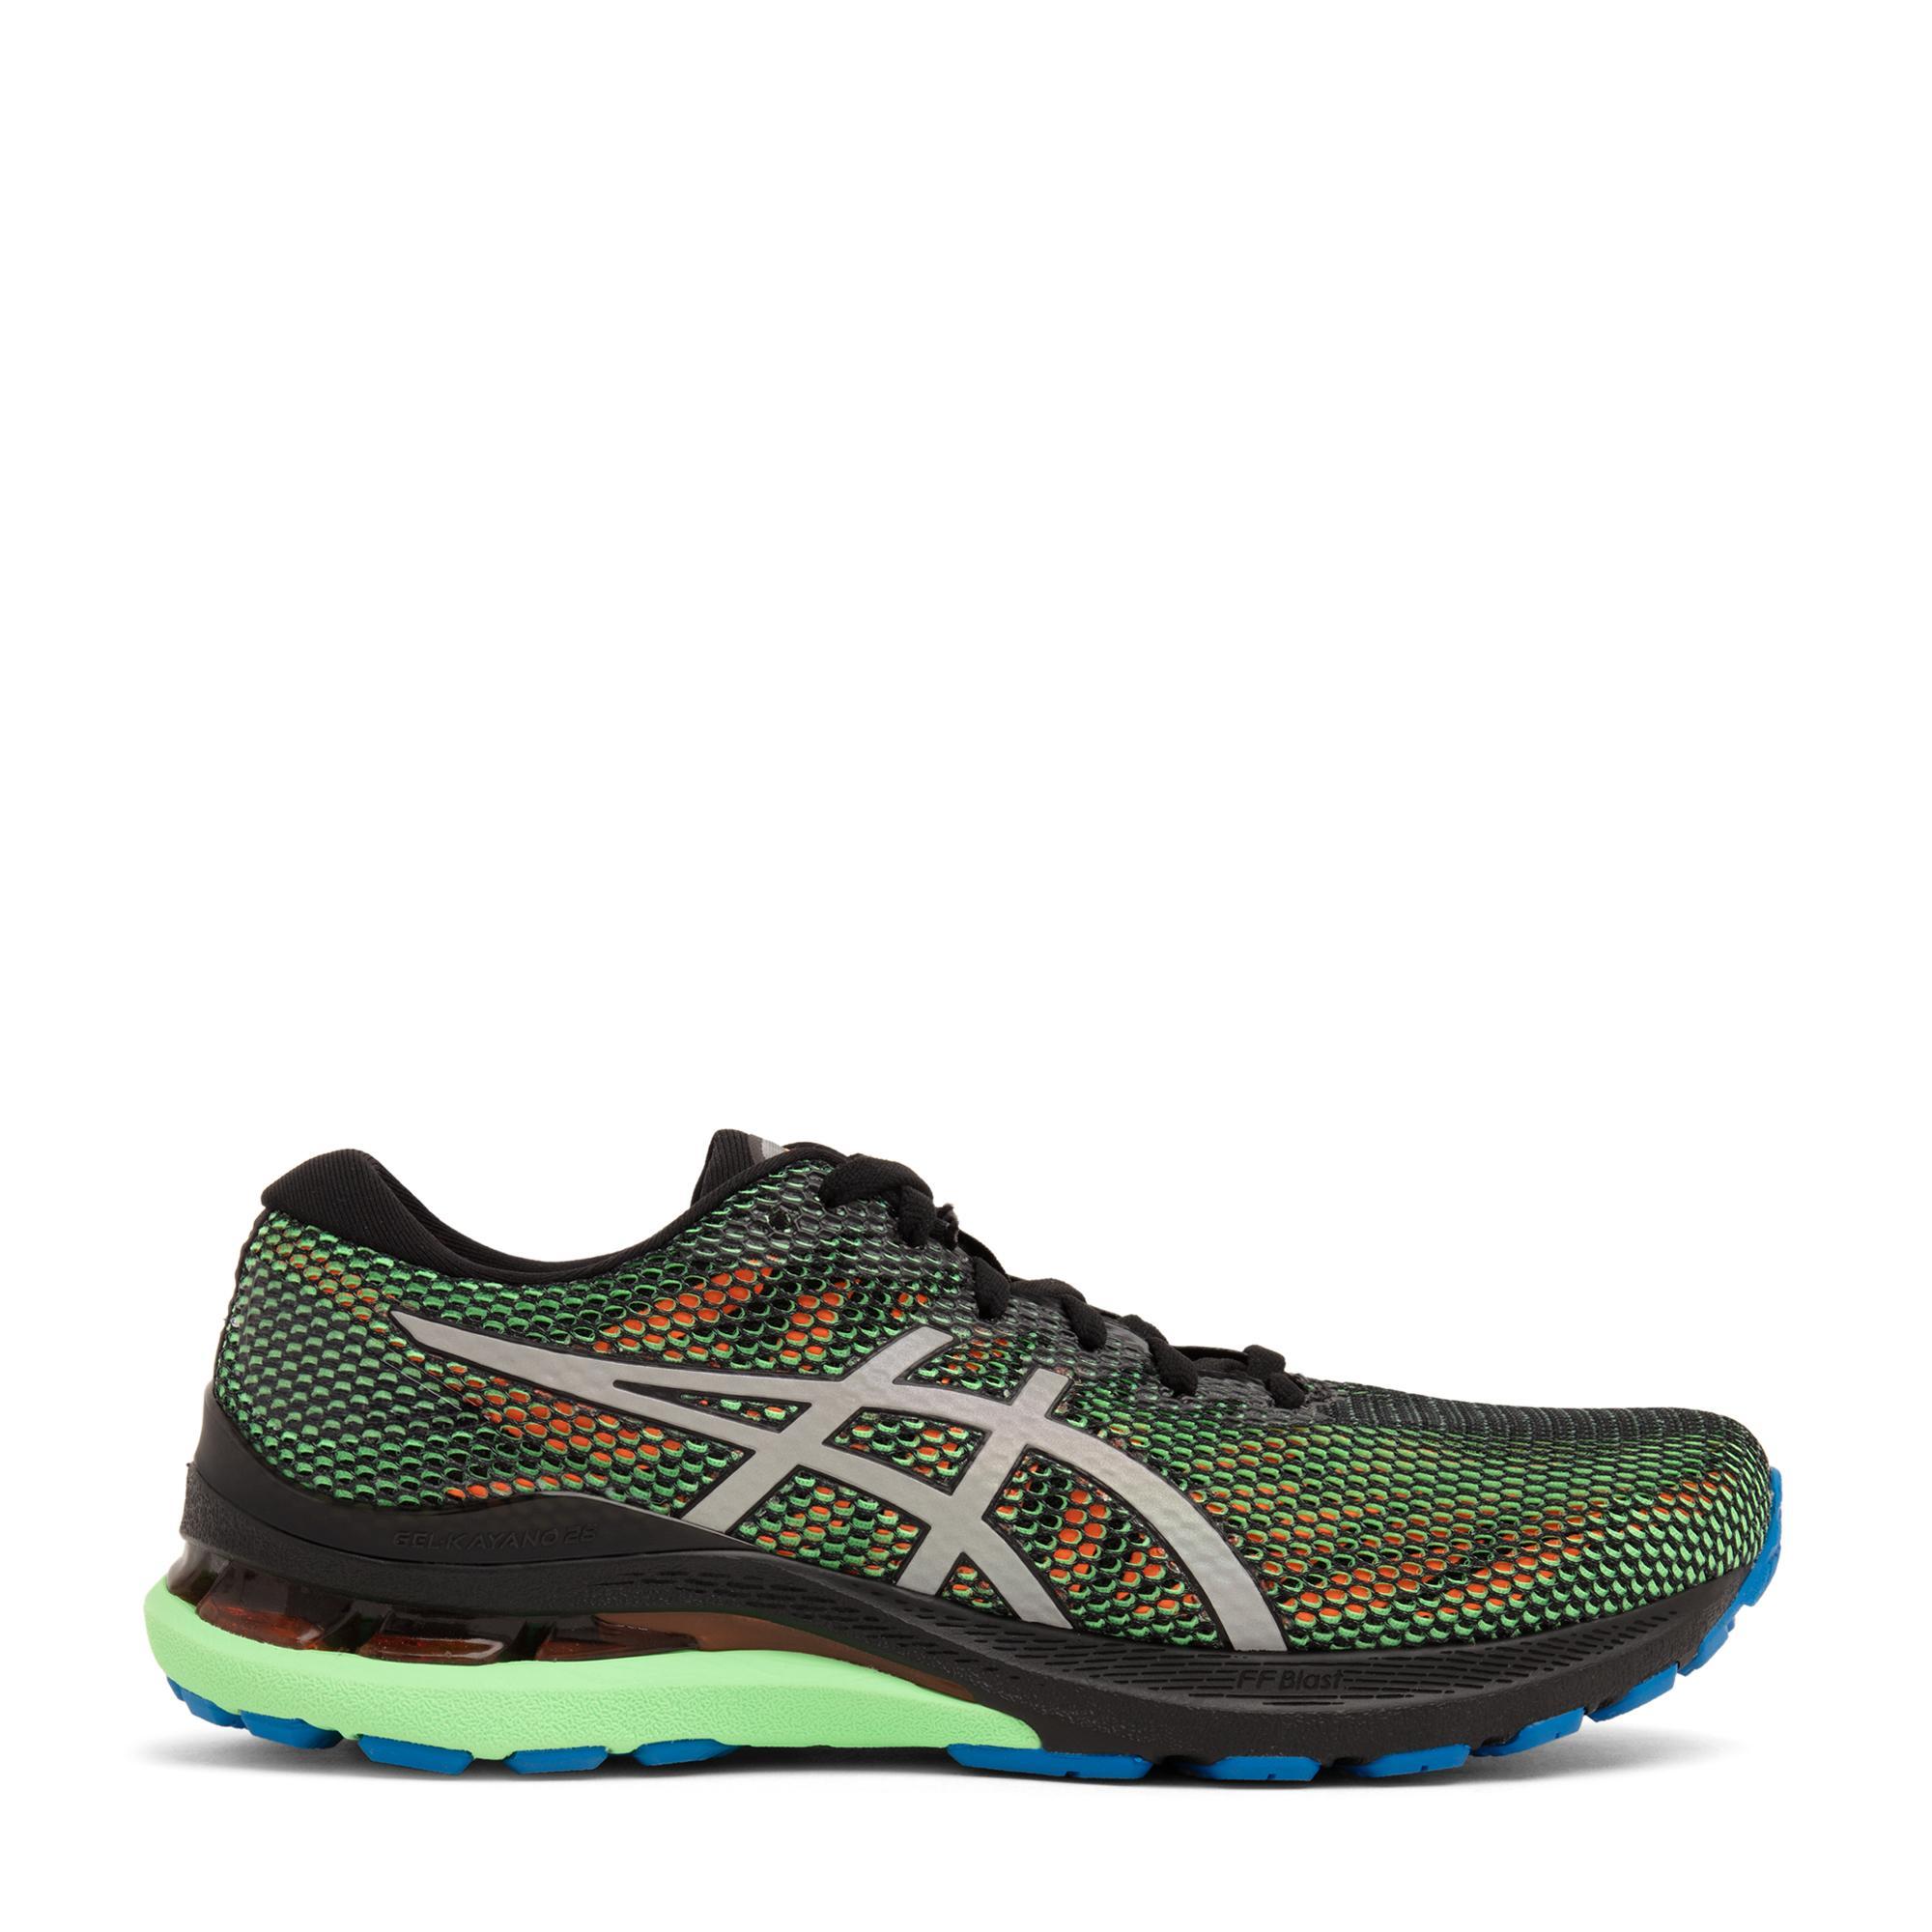 Gel-Kayano 28 Lite-Shoe sneakers